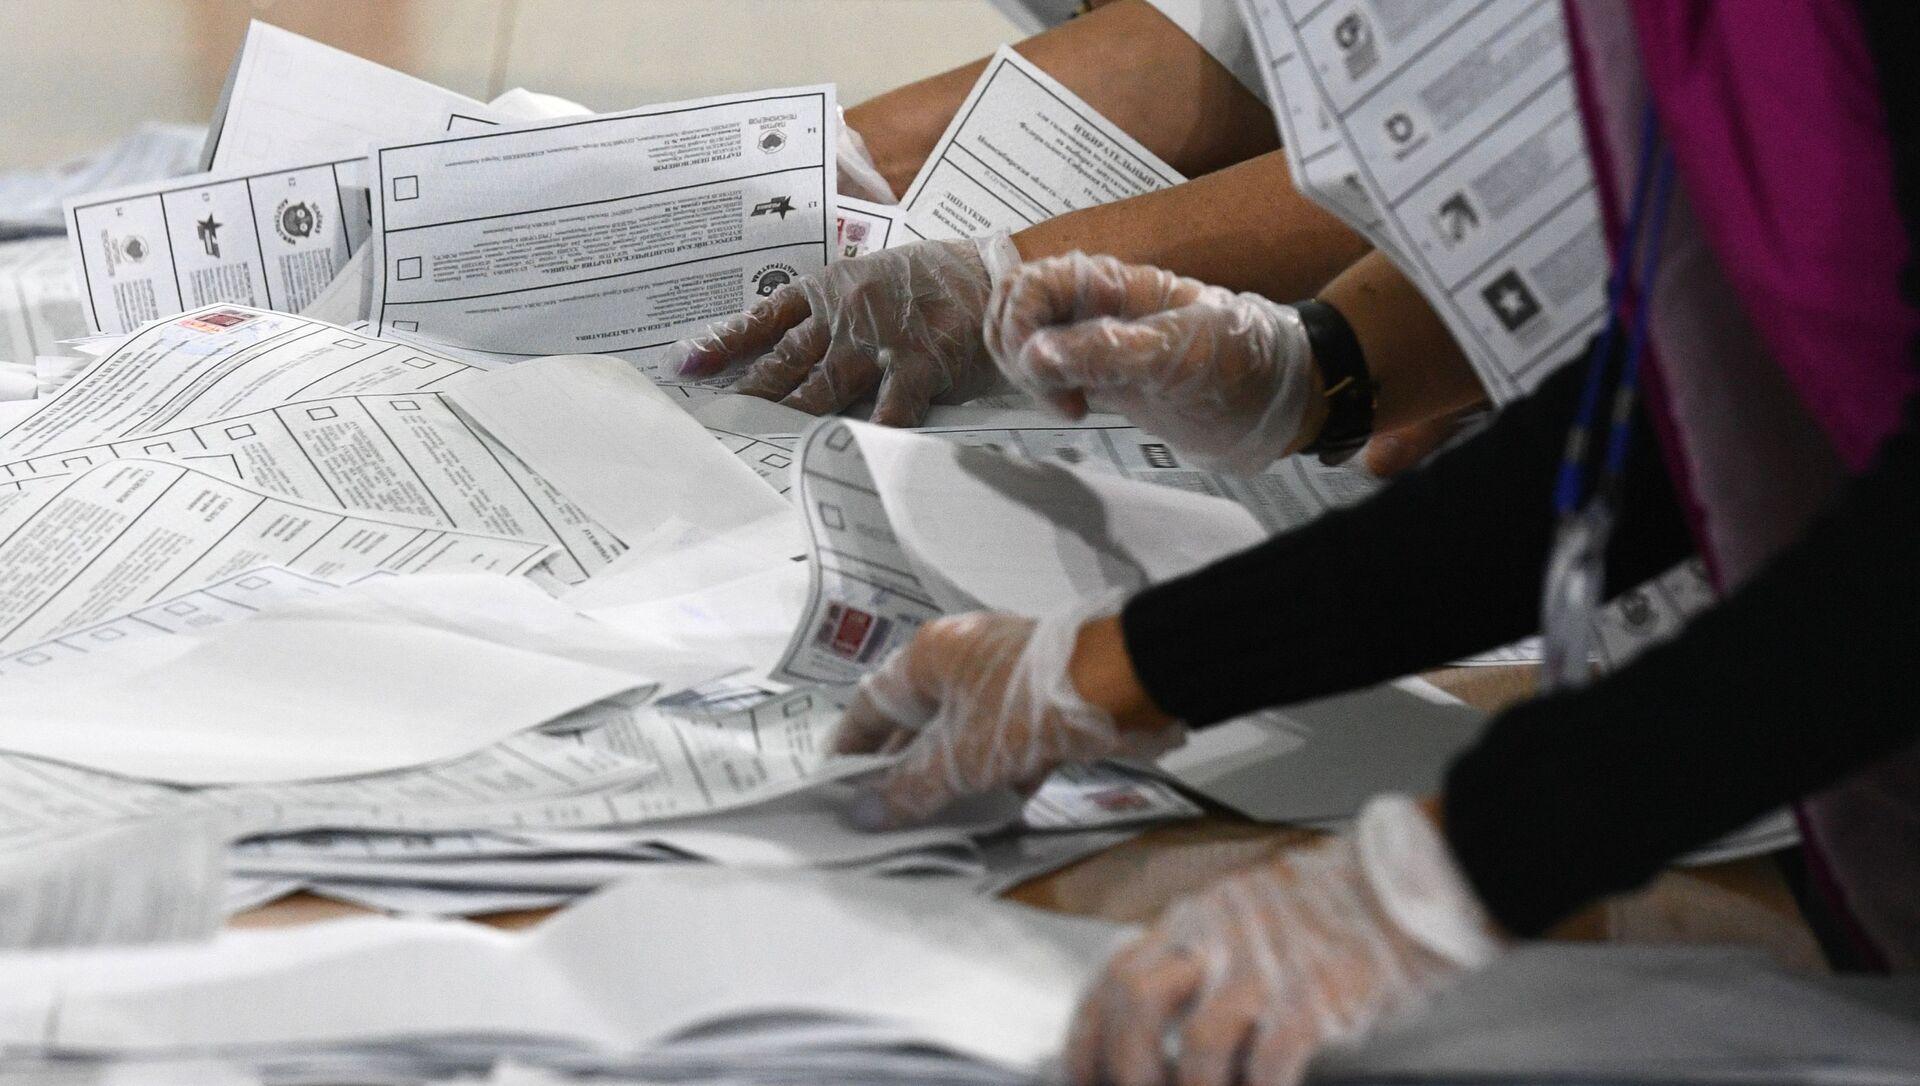 Подсчет голосов на выборах в единый день голосования - Sputnik Аҧсны, 1920, 20.09.2021